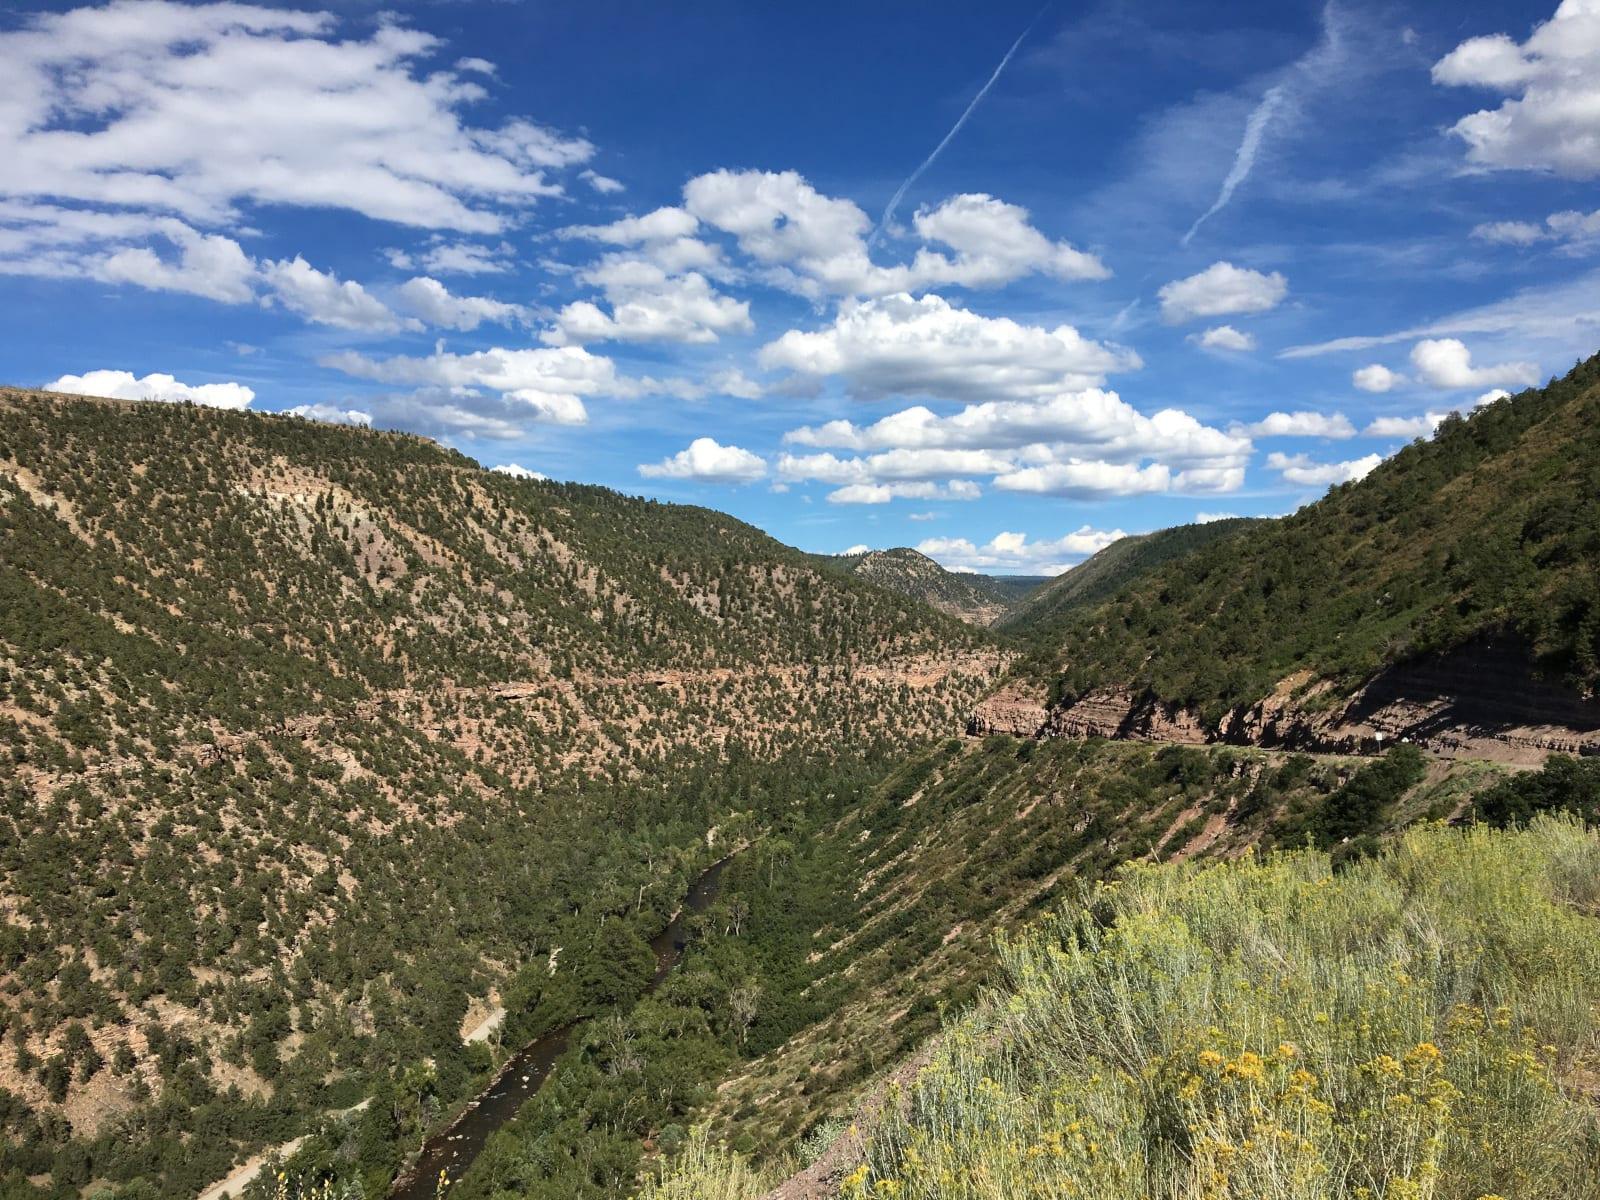 Norwood Colorado San Miguel Canyon